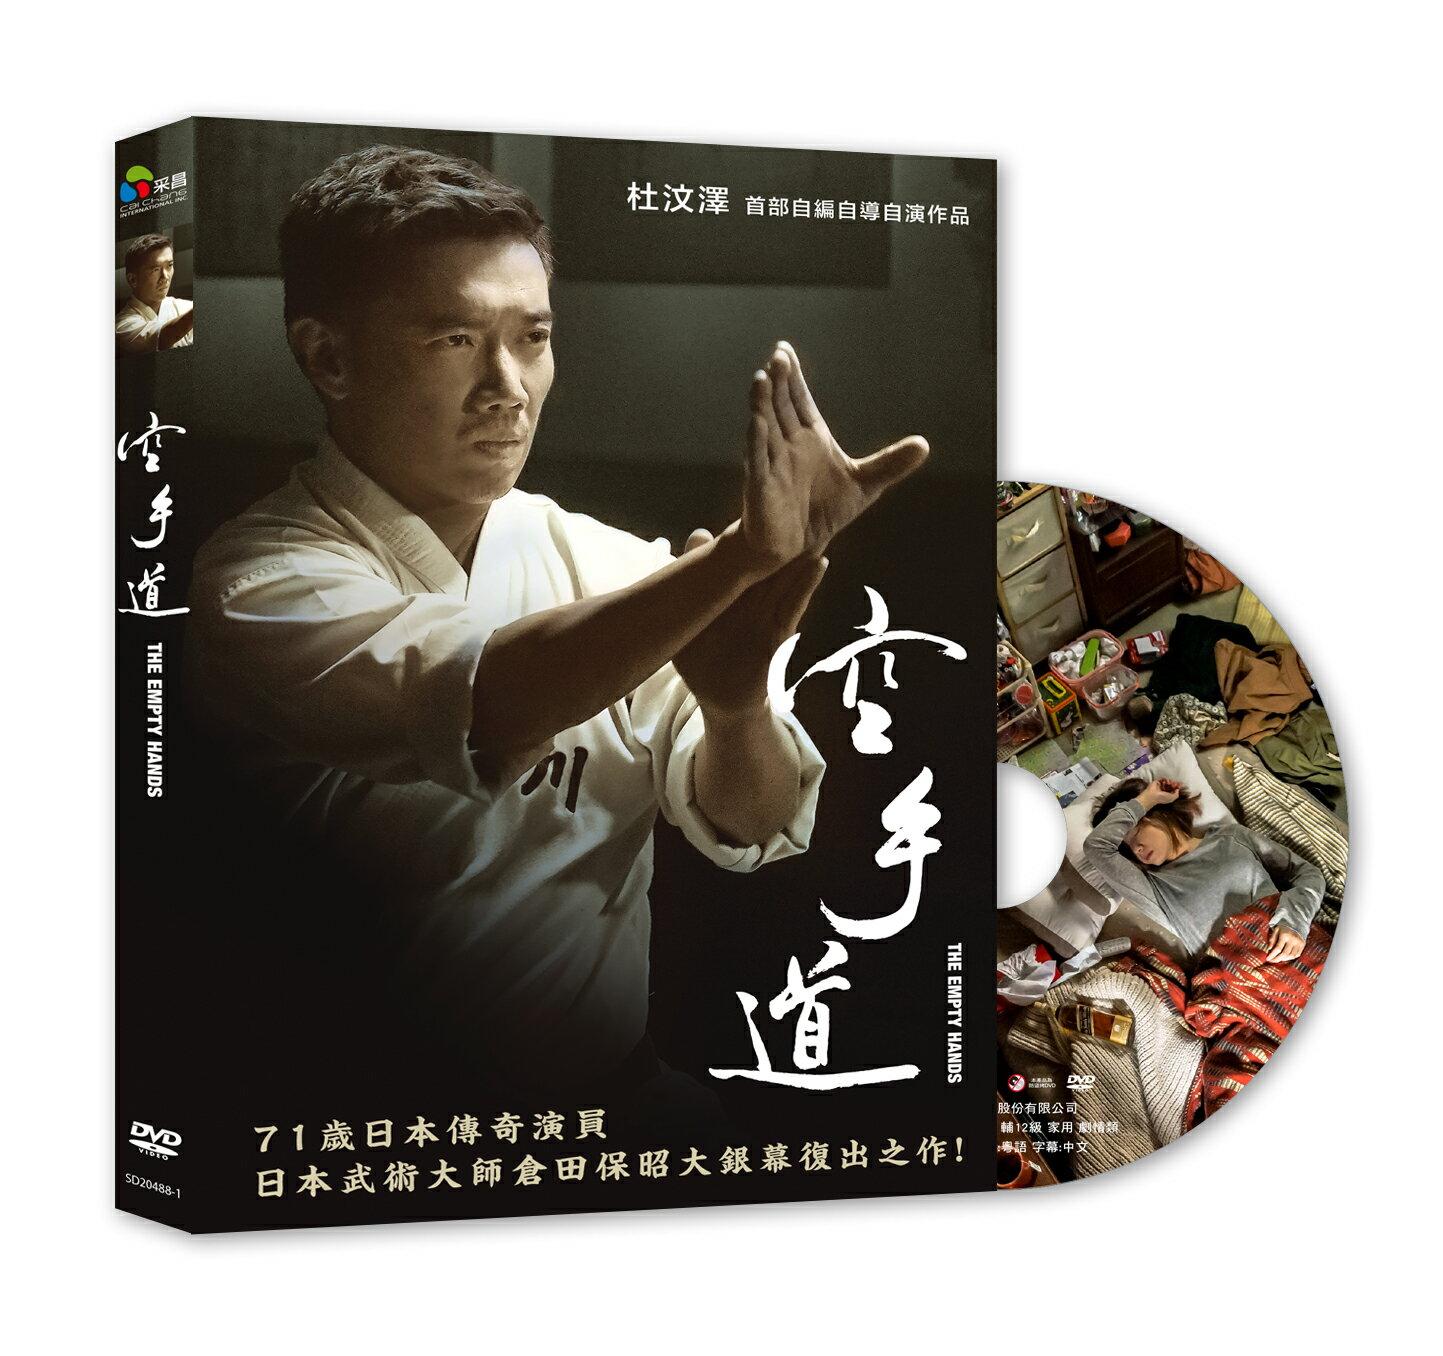 空手道DVD(鄧麗欣/杜汶澤/倉田保昭)